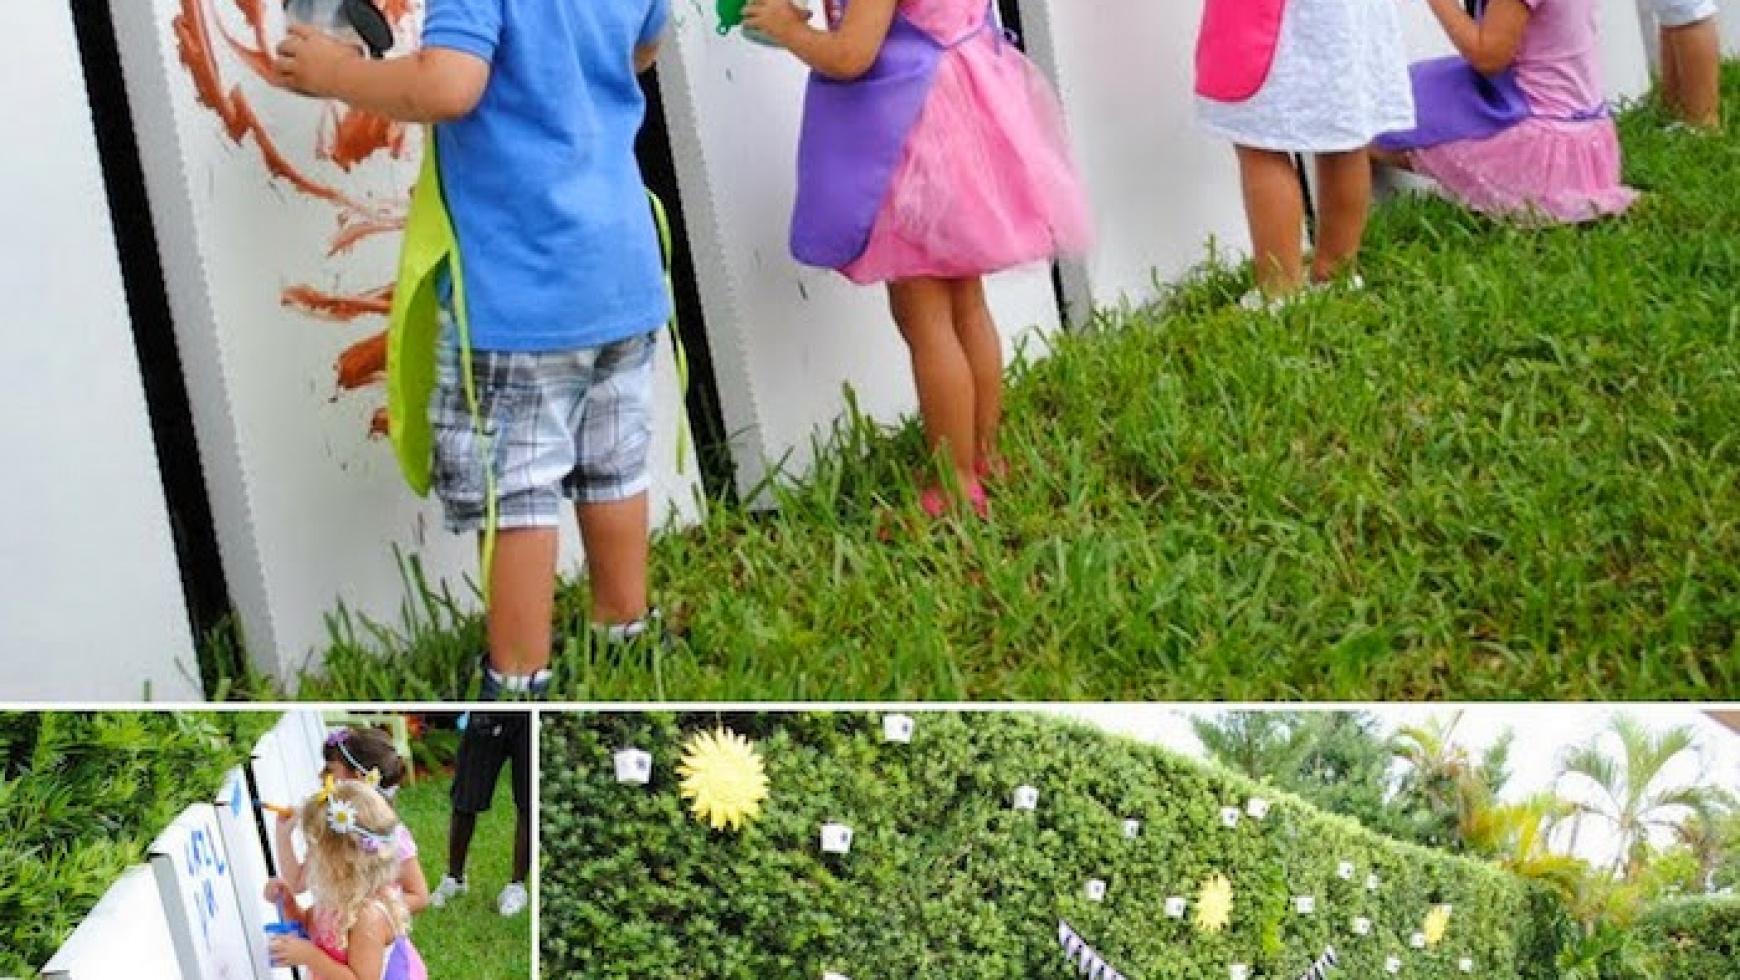 Atelier de pictura pentru copii la petreceri si evenimente